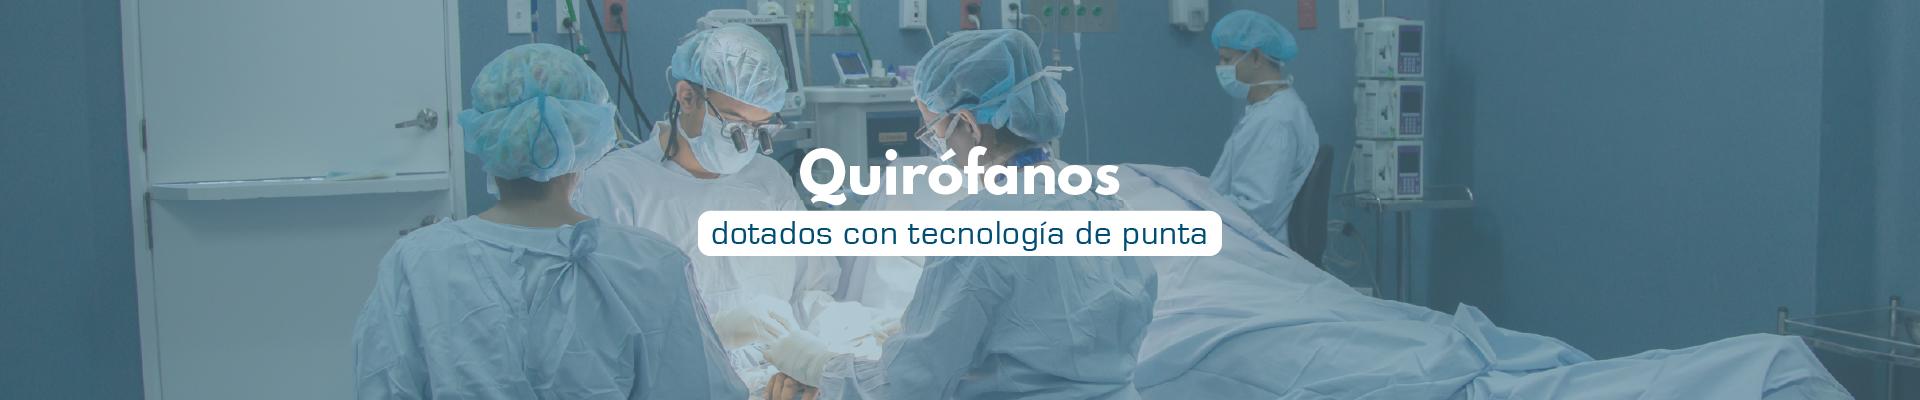 Quirófanos dotados con tecnología de punta - Fundación Clínica del Norte